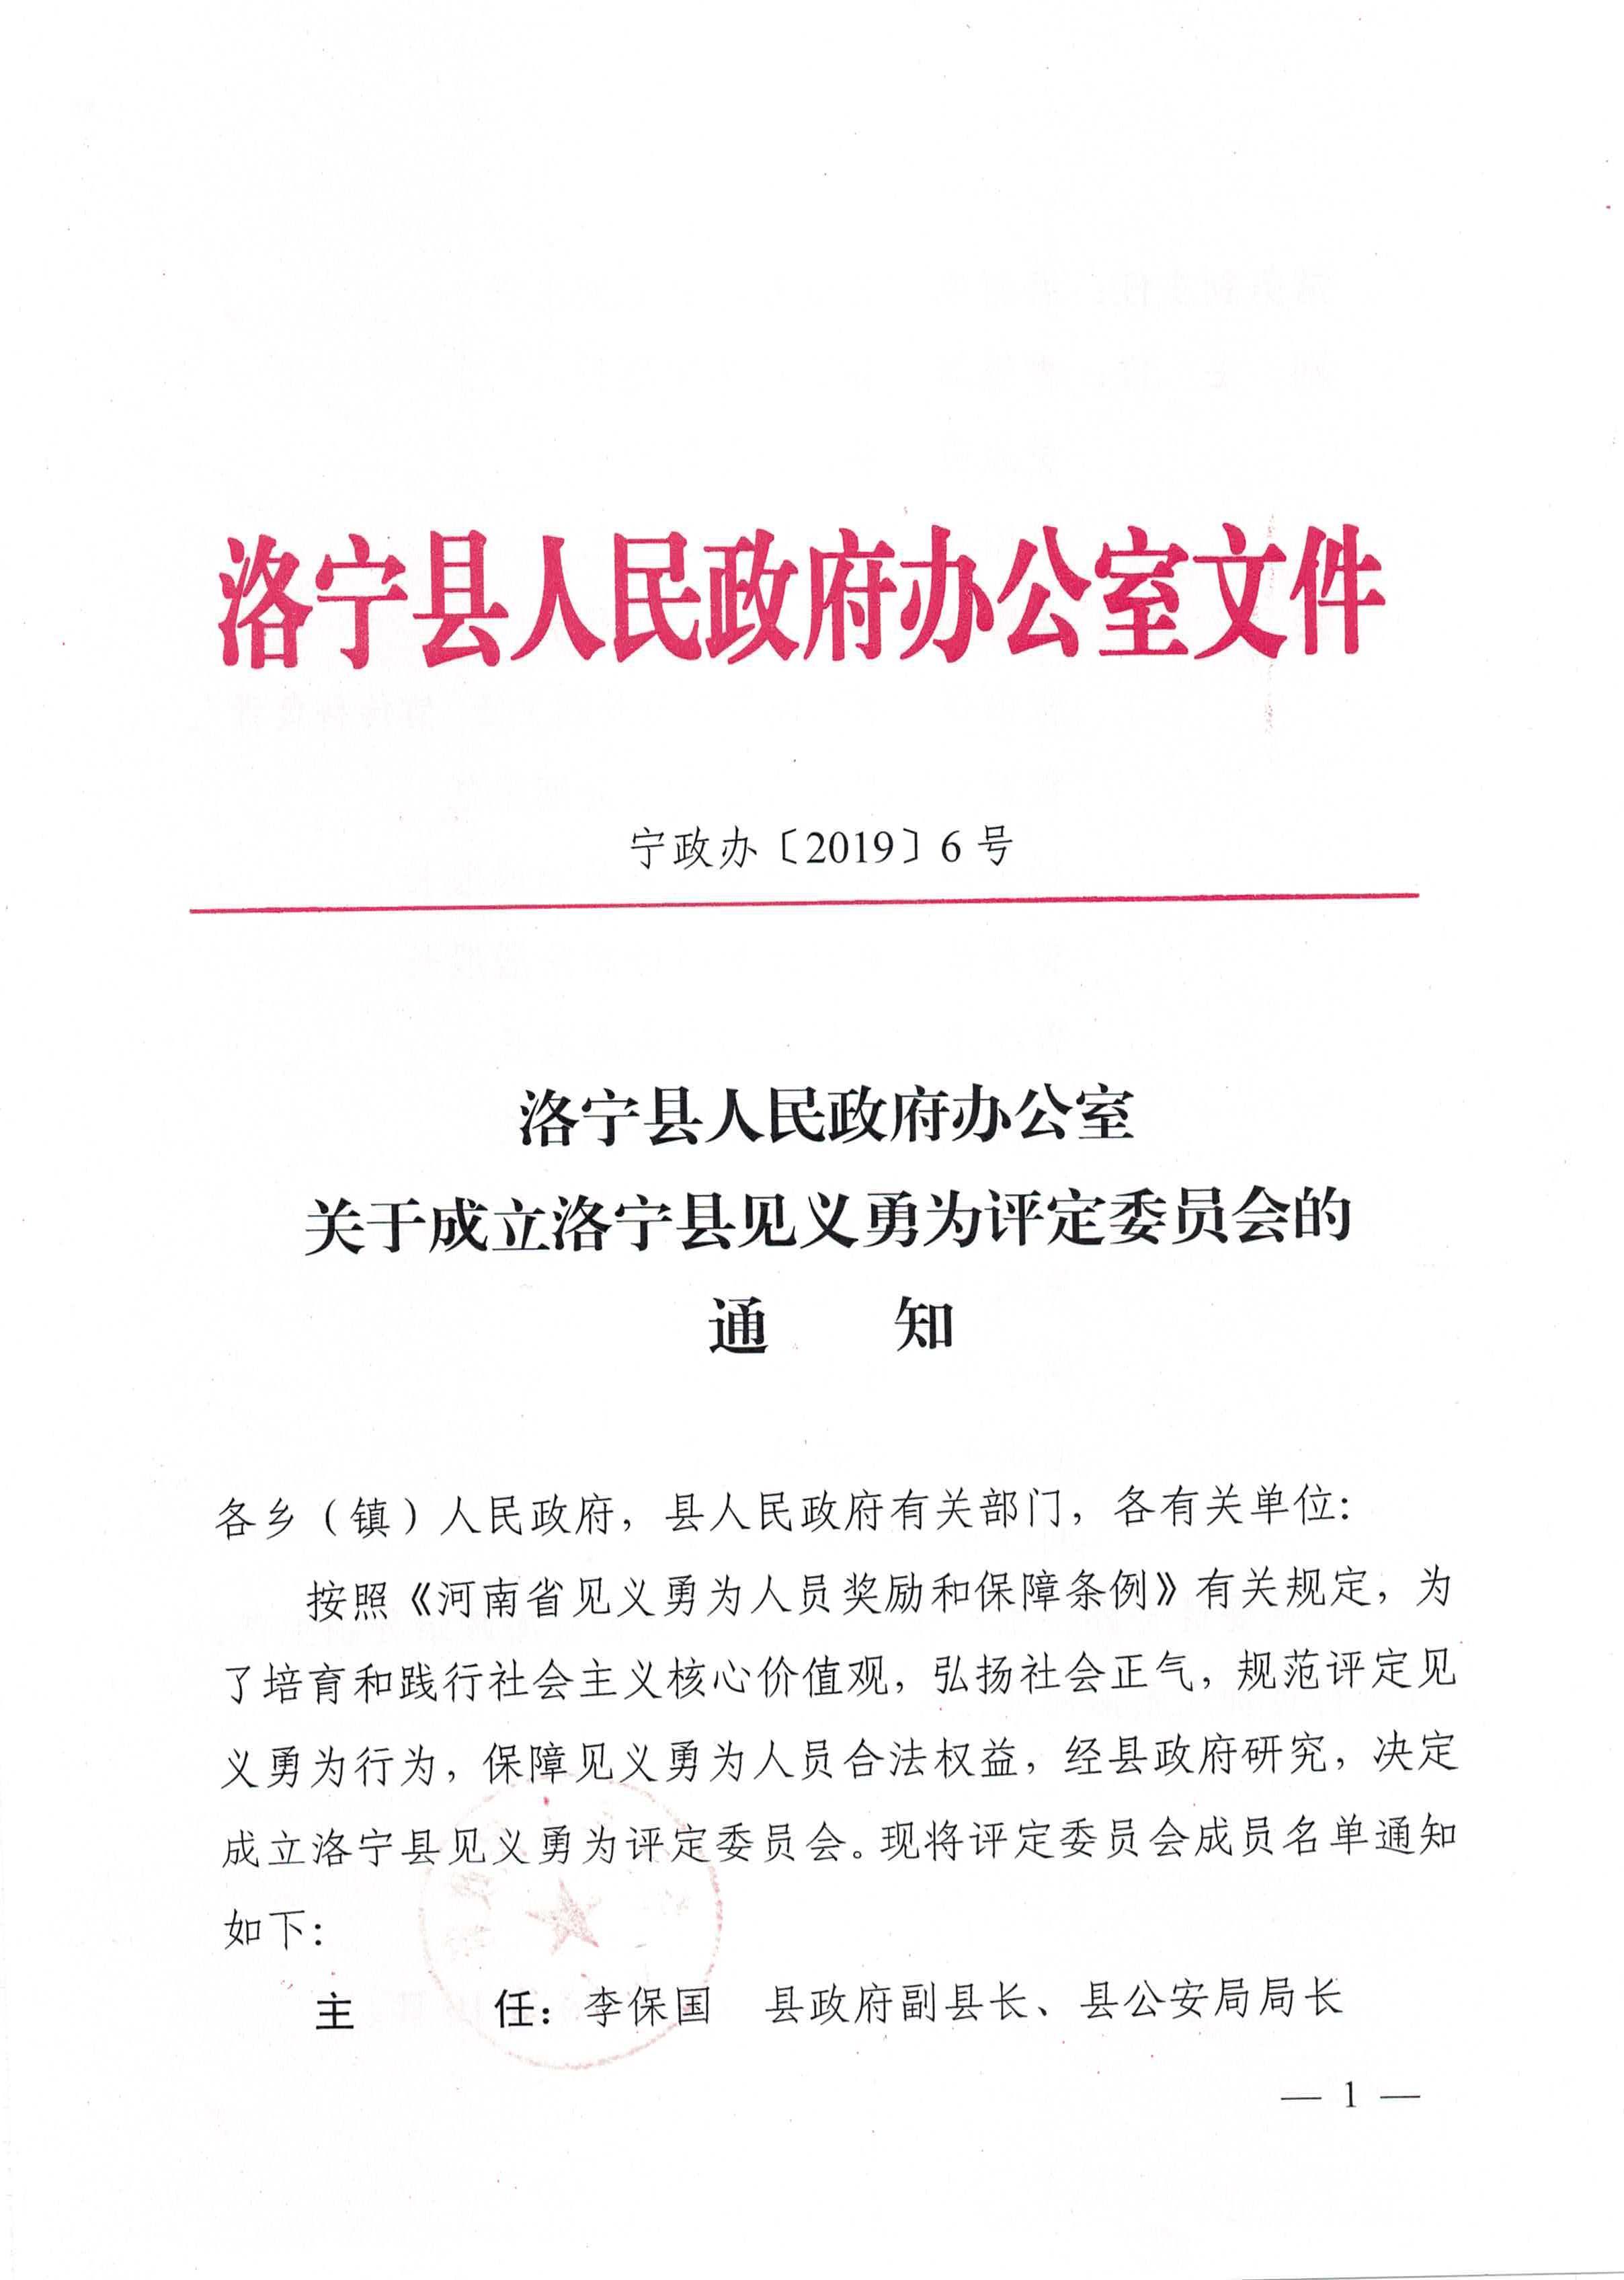 洛宁县人民政府办公室关于成立洛宁县见义勇为评定委员会的通知_00001